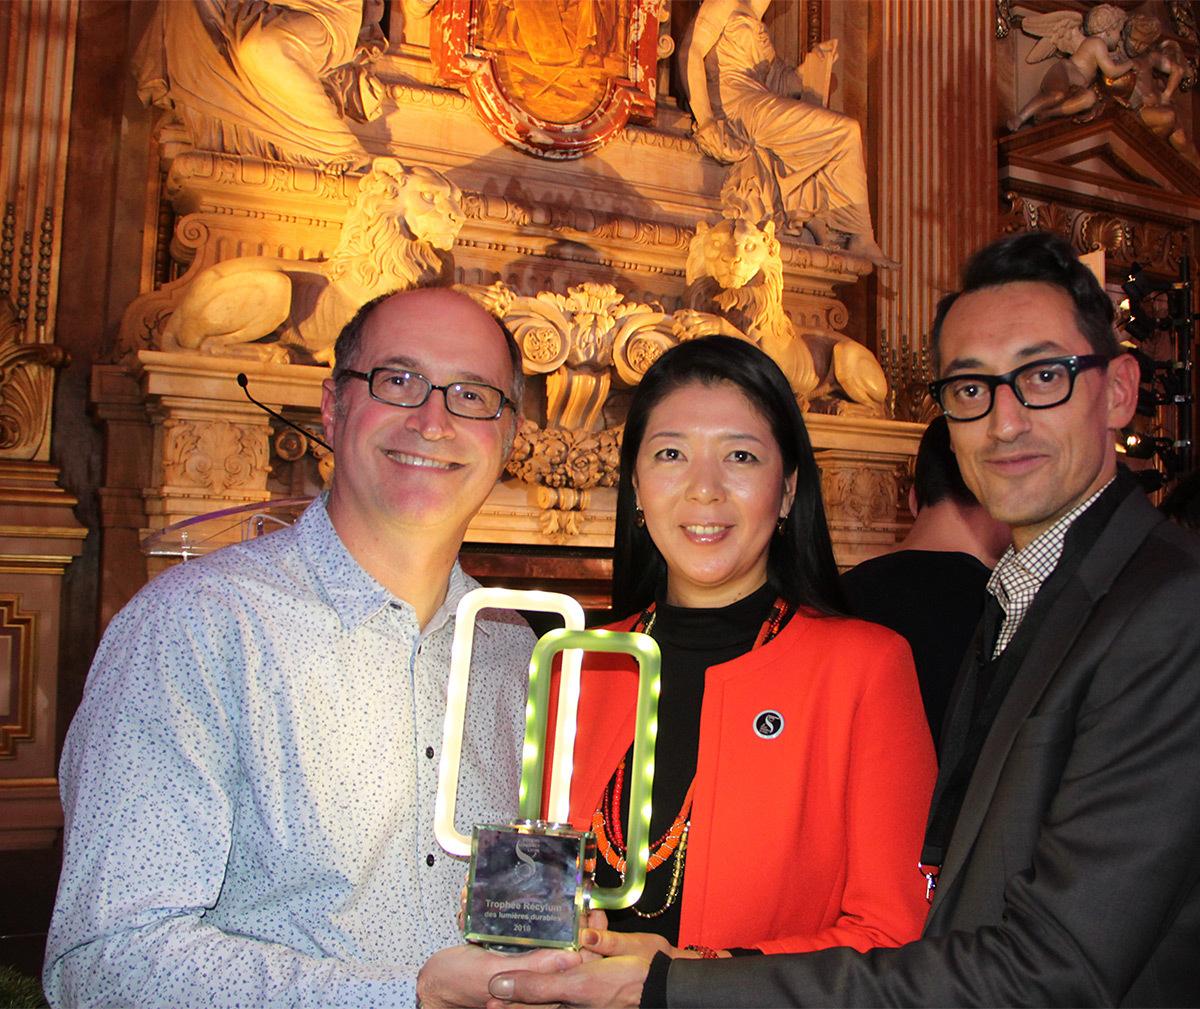 Eric Michel, Akari-Lisa Ishii et le représentant du CNRS, Trophée Recylum 2016 - Fête des lumières 2016, Lyon, France - Photo : Vincent Laganier